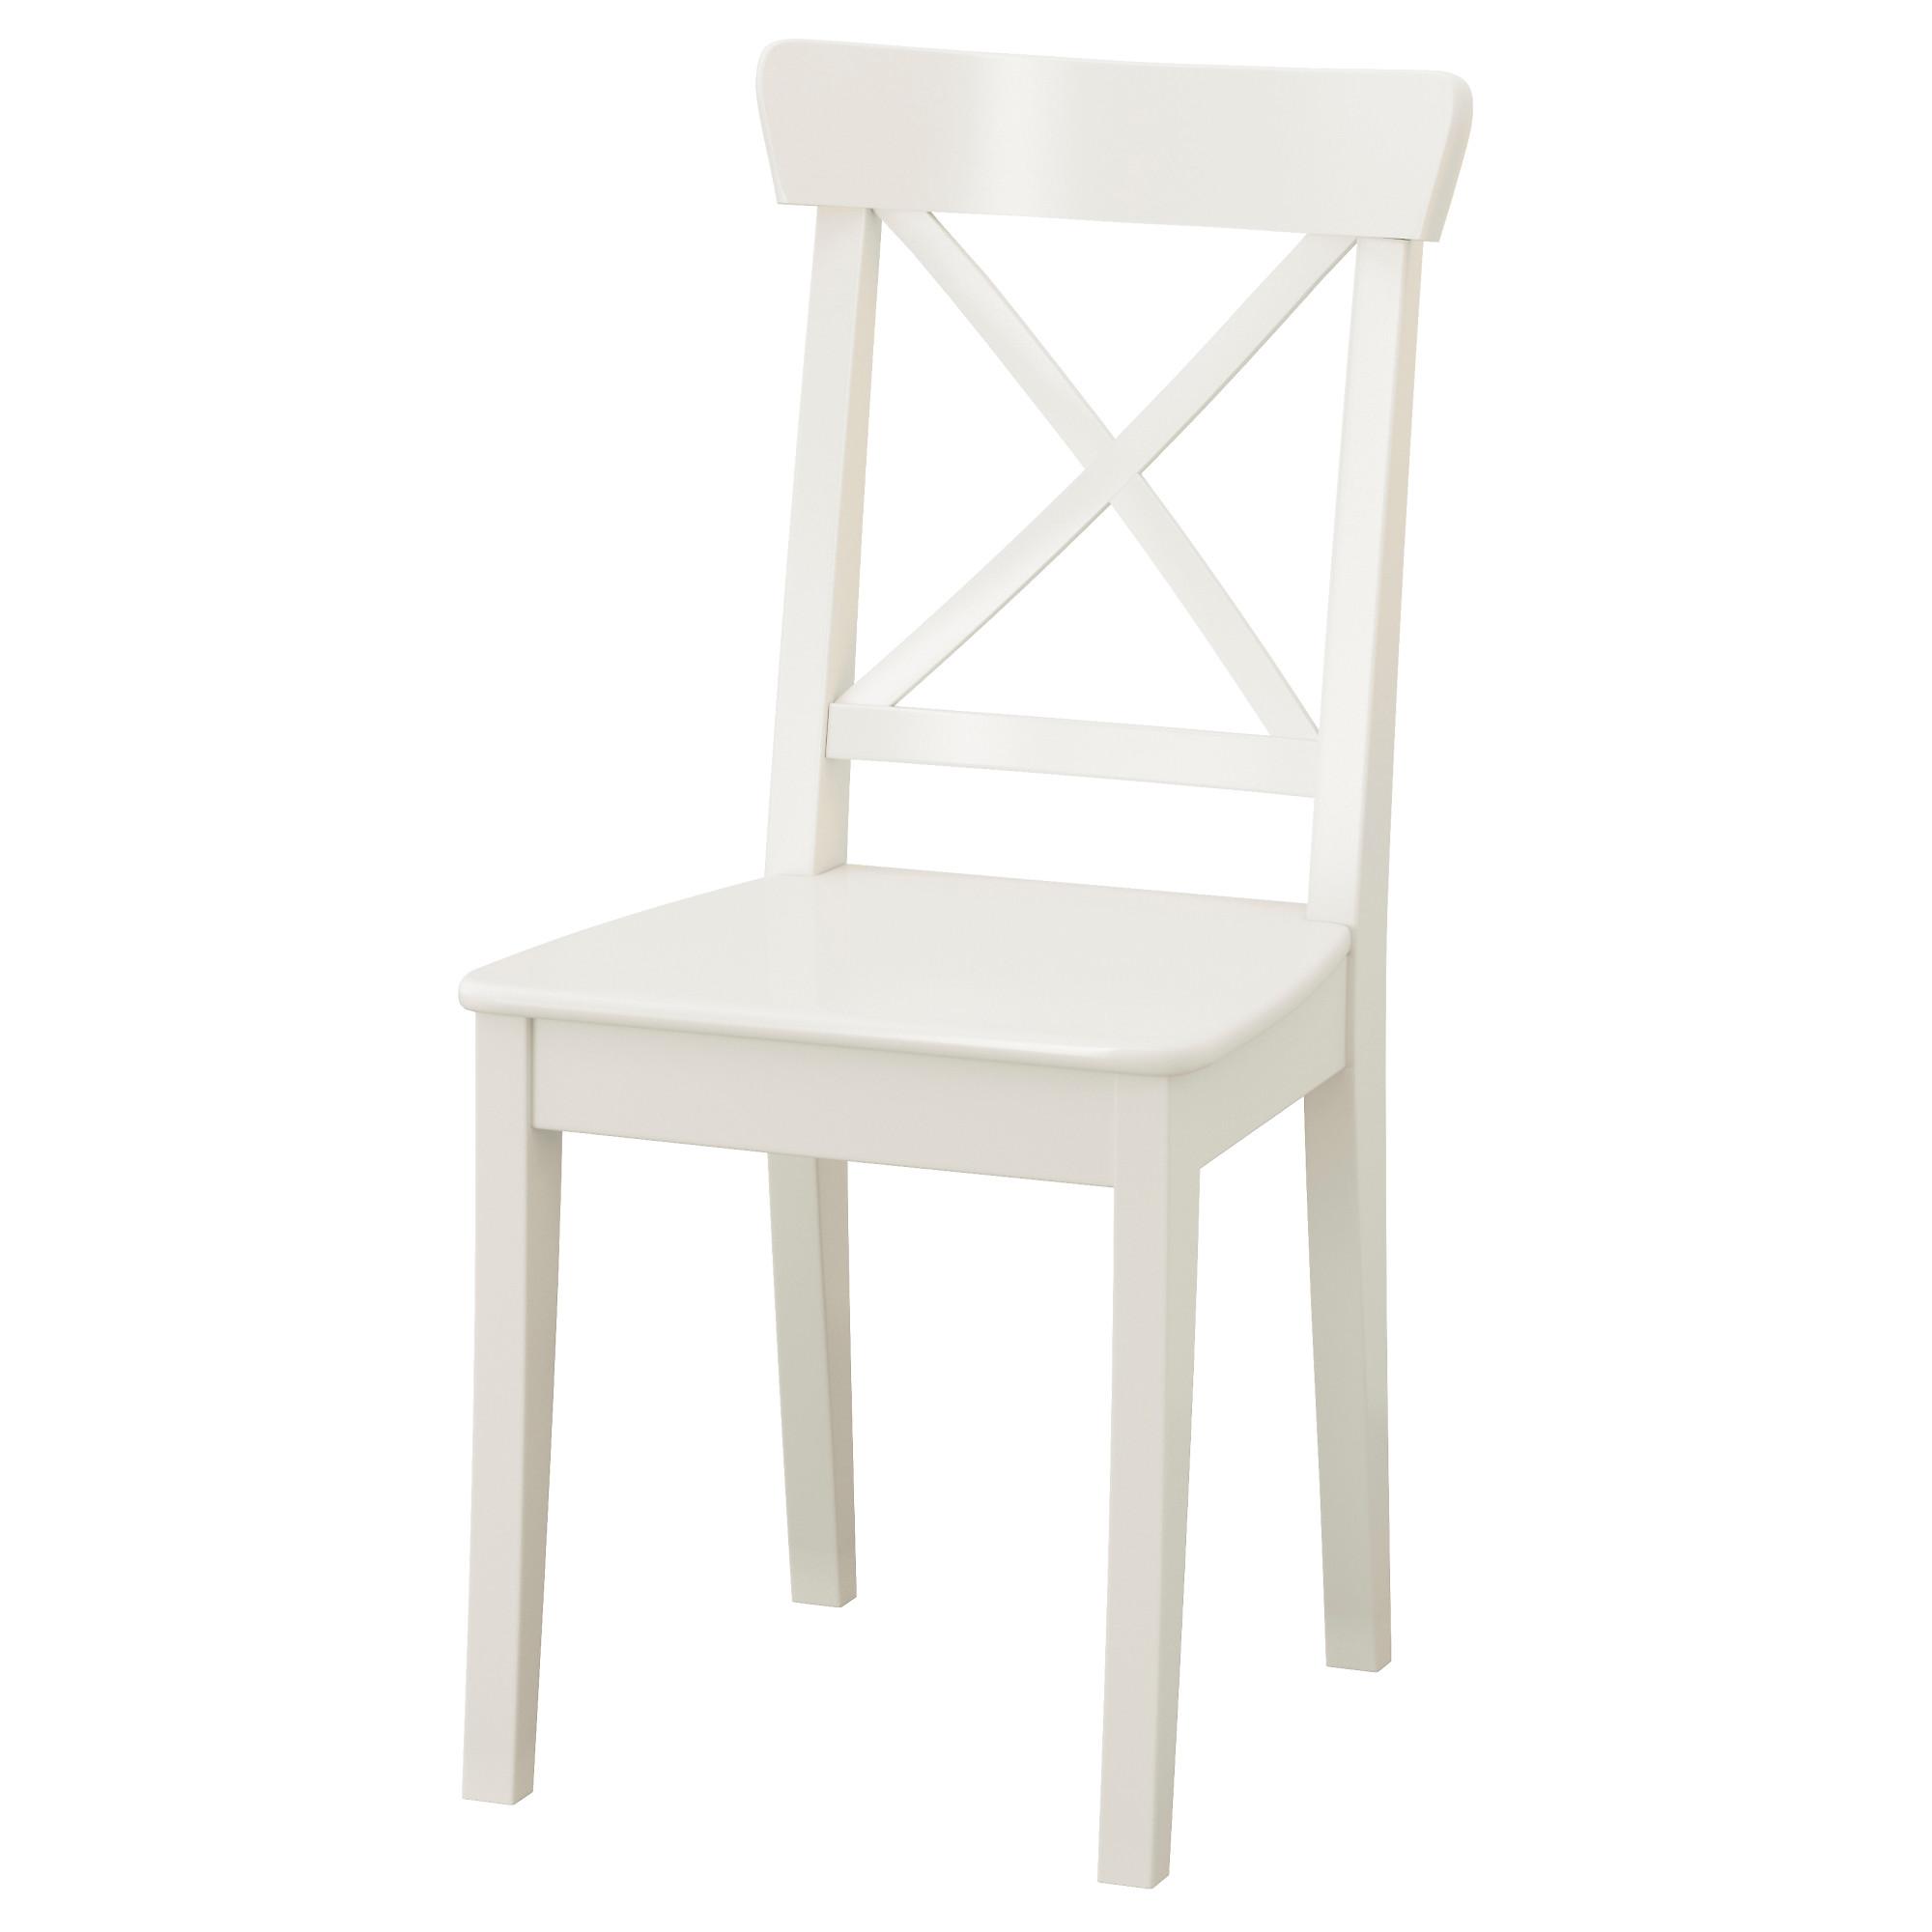 kitchen-chairs-ikea-photo-6